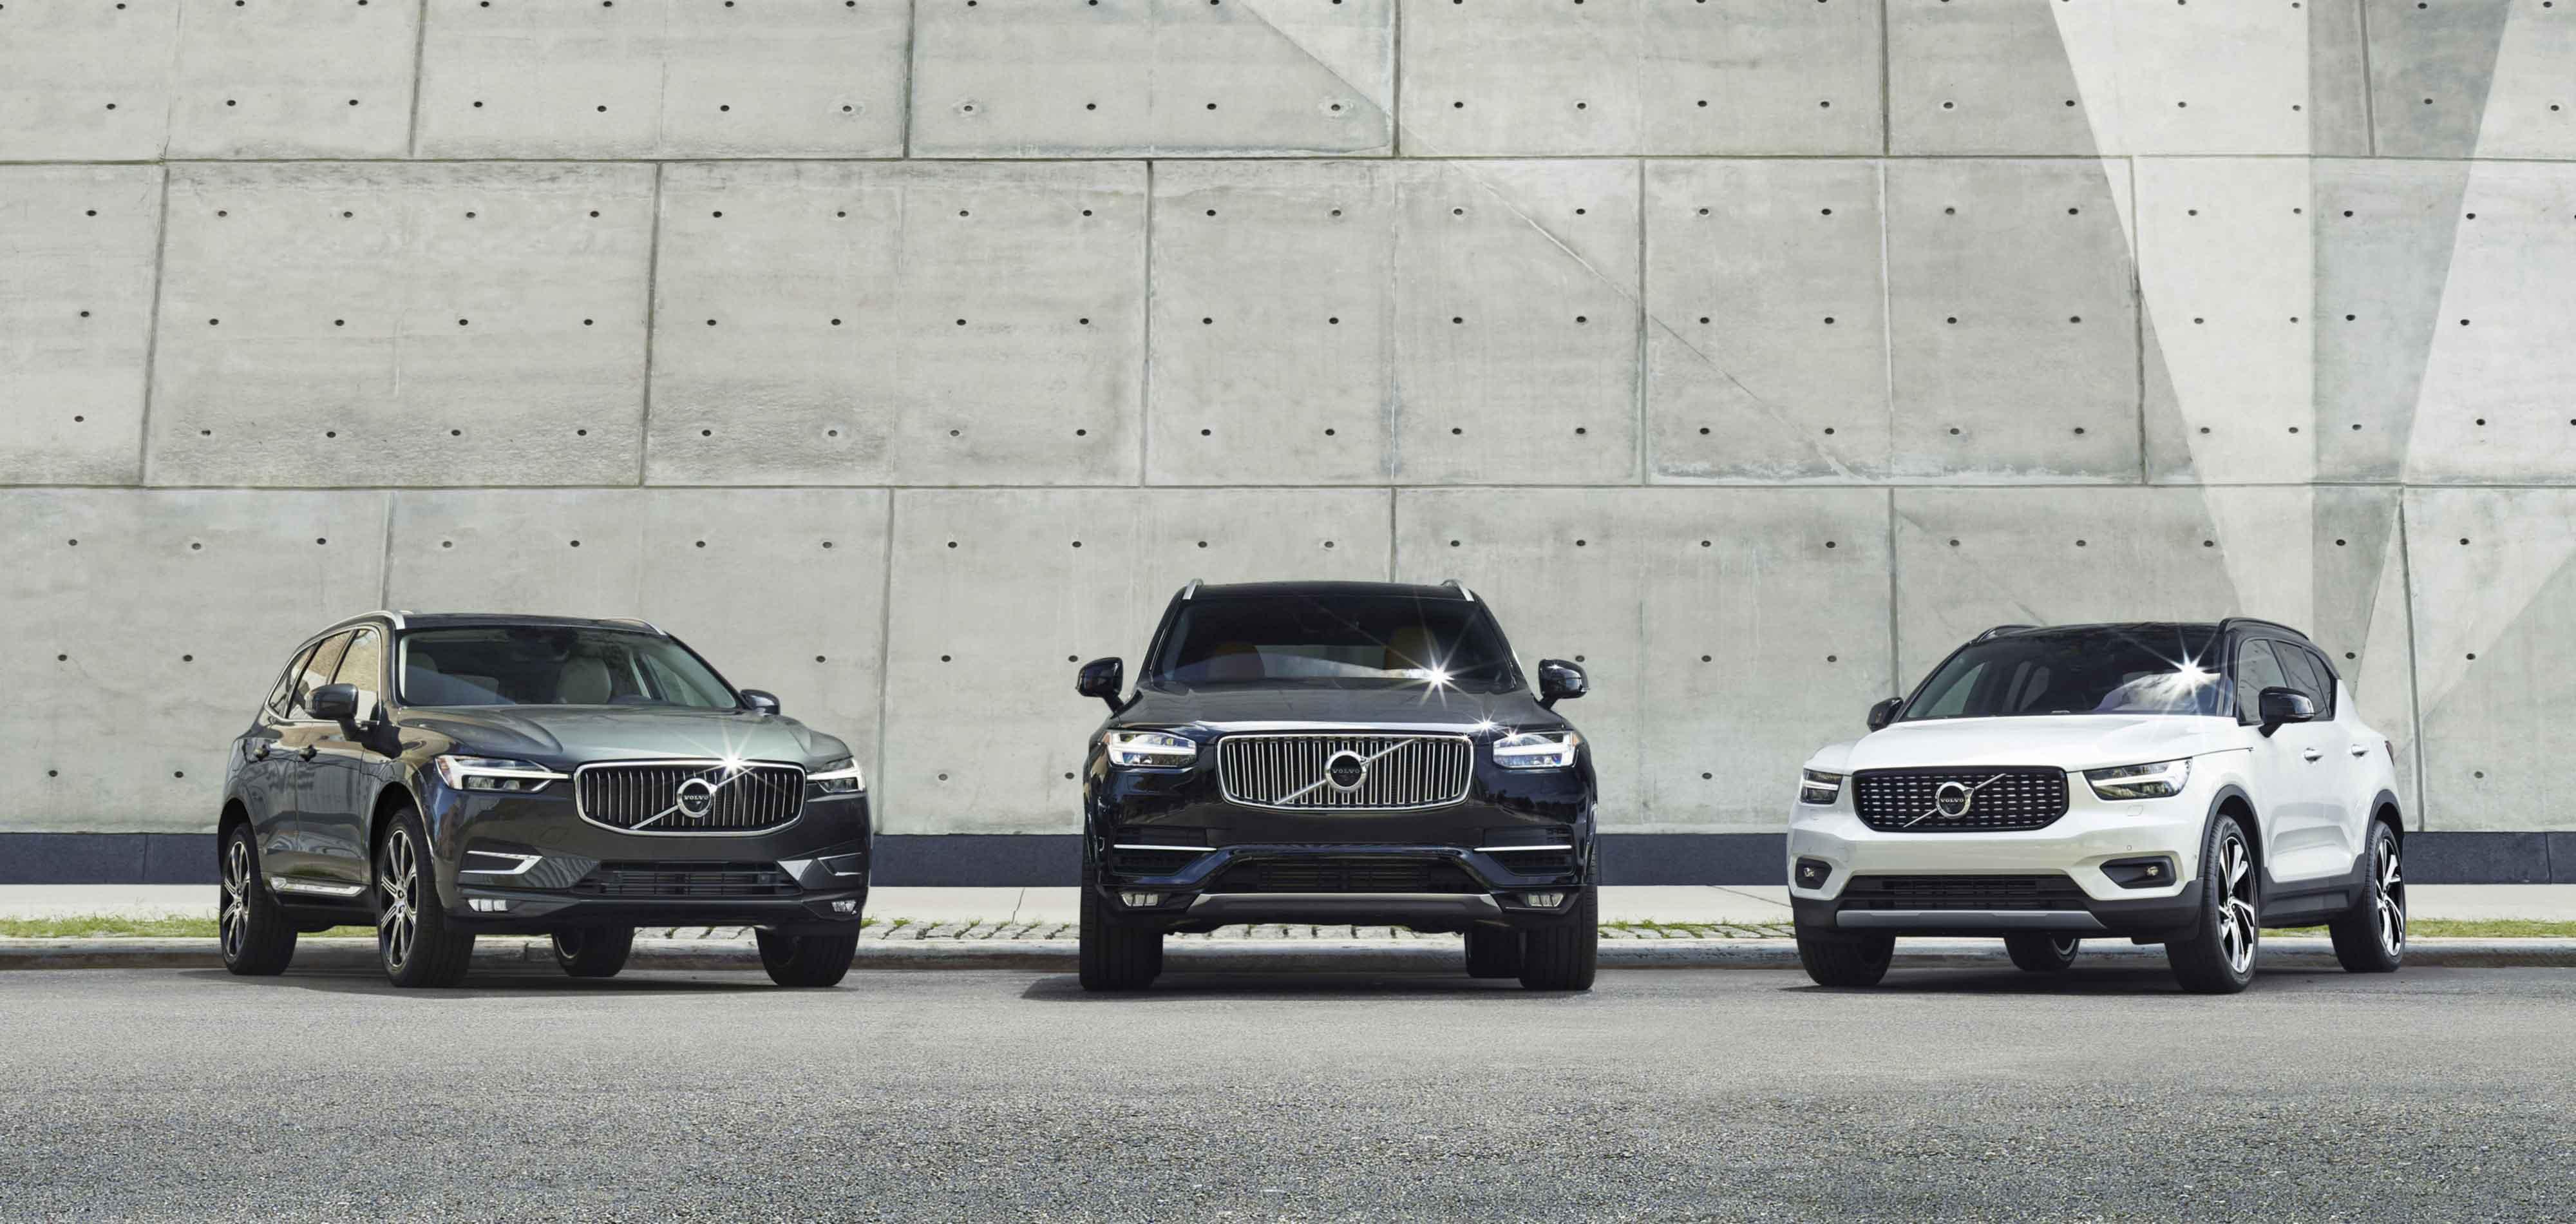 Labākais veids kā nopirkt mazlietotu Volvo